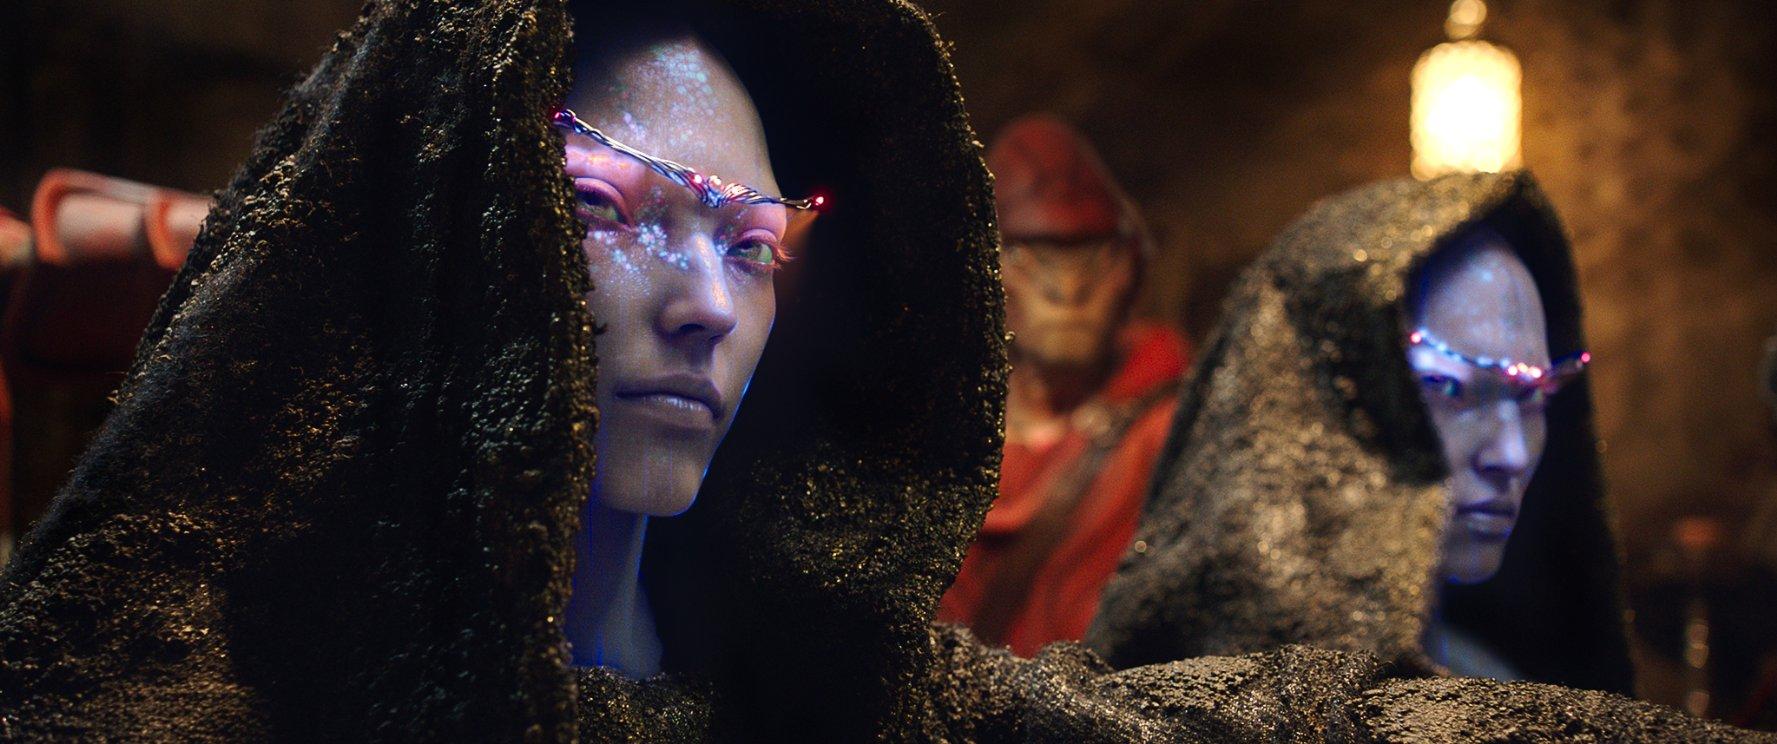 Valerian và Thành Phố Ngàn Hành Tinh - Ai cần nội dung phức tạp khi phim quá lộng lẫy - Ảnh 6.